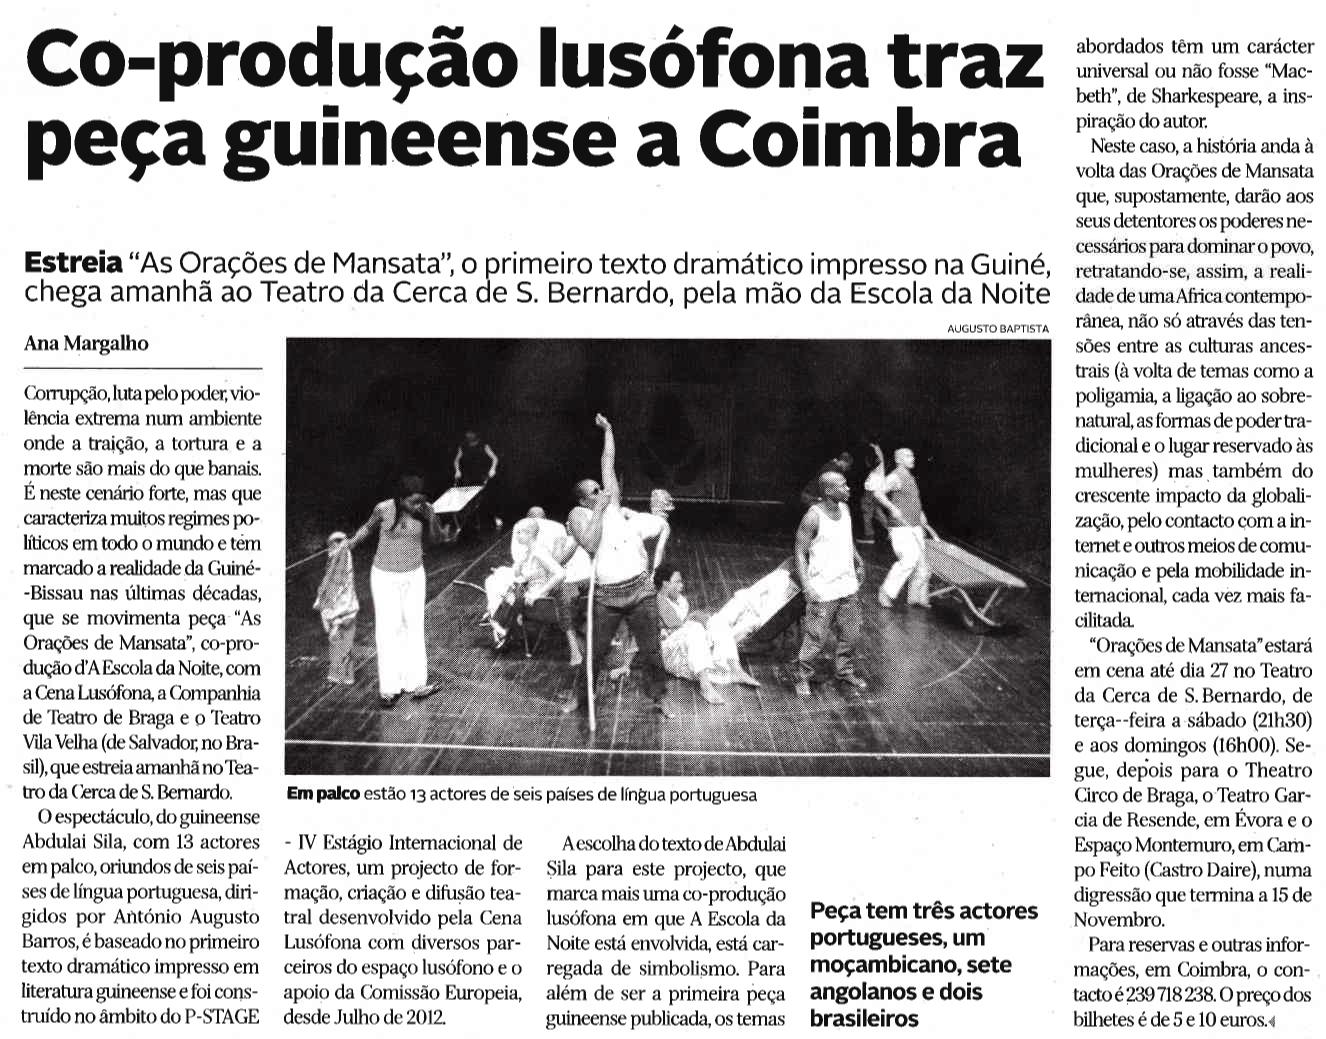 Diário de Coimbra, 16/10/2013